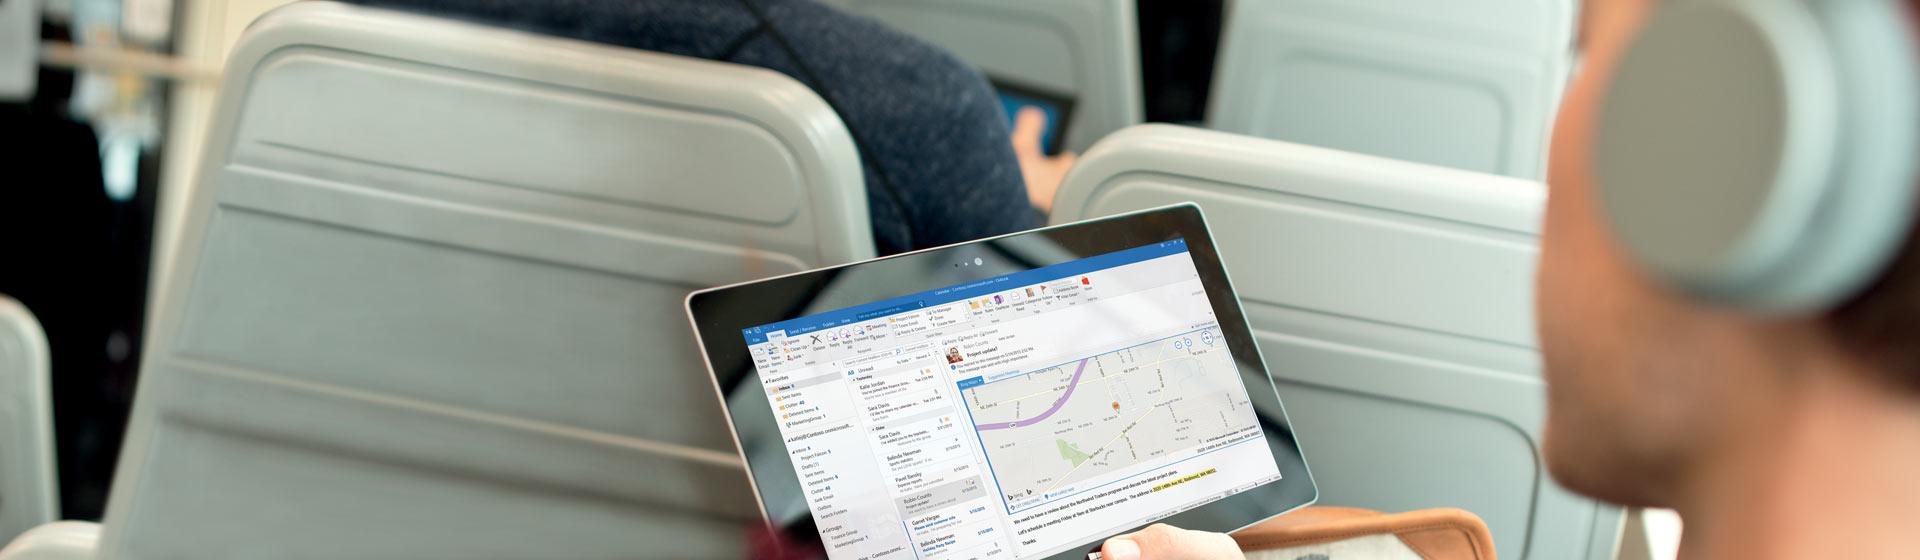 Office 365 में अपने ईमेल इनबॉक्स को दिखाते हुए टैबलेट पकड़ा हुआ एक व्यक्ति